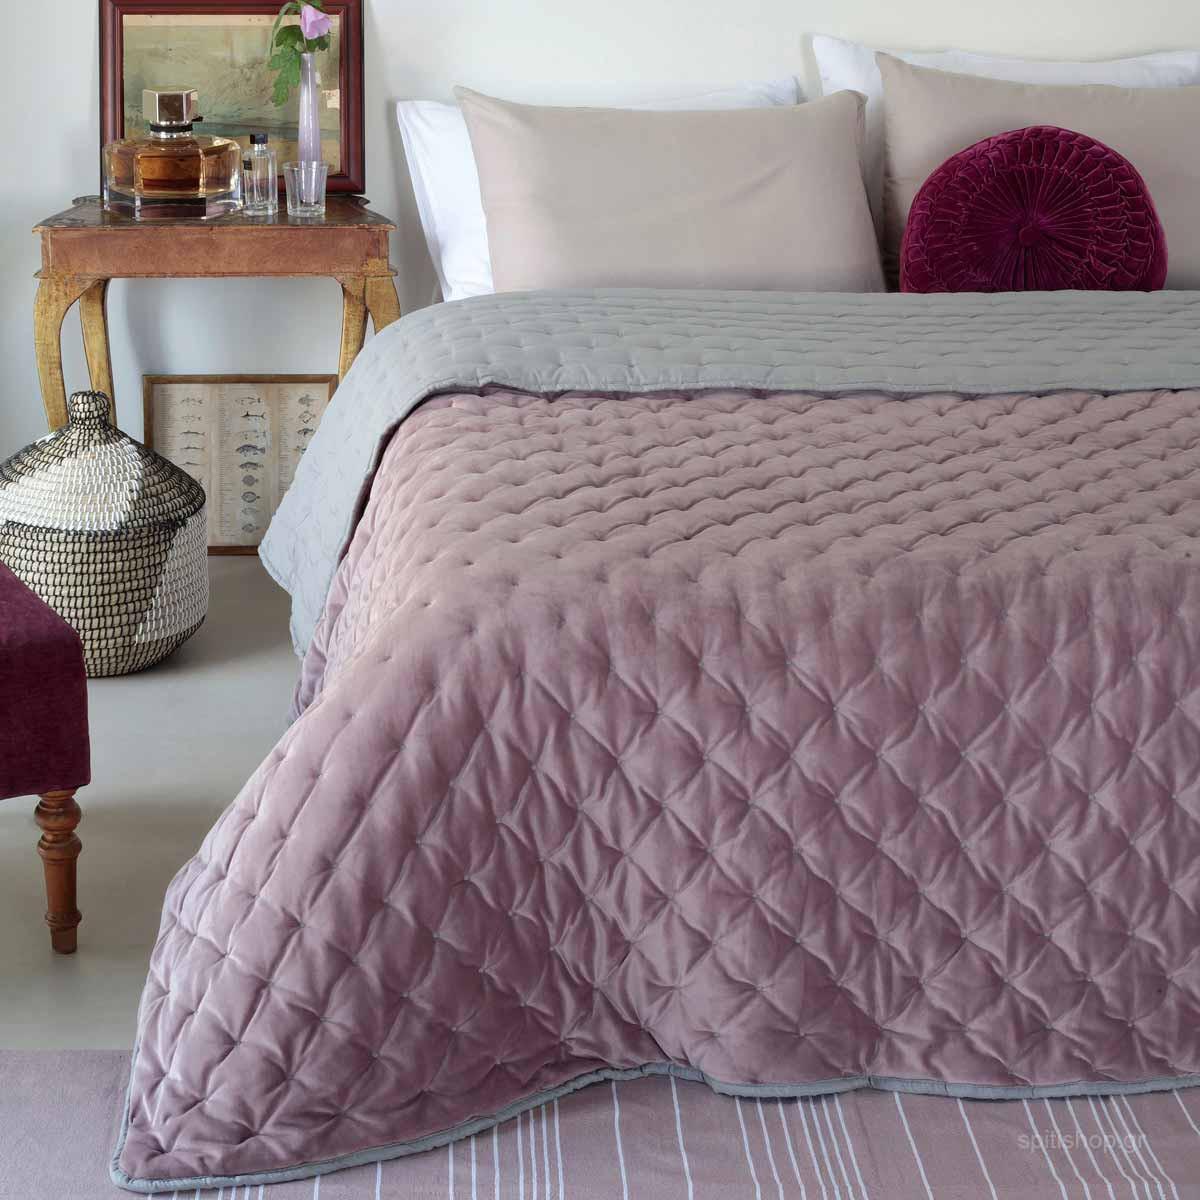 Κουβερτοπάπλωμα Μονό Melinen Lush Rose home   κρεβατοκάμαρα   παπλώματα   κουβερτοπαπλώματα